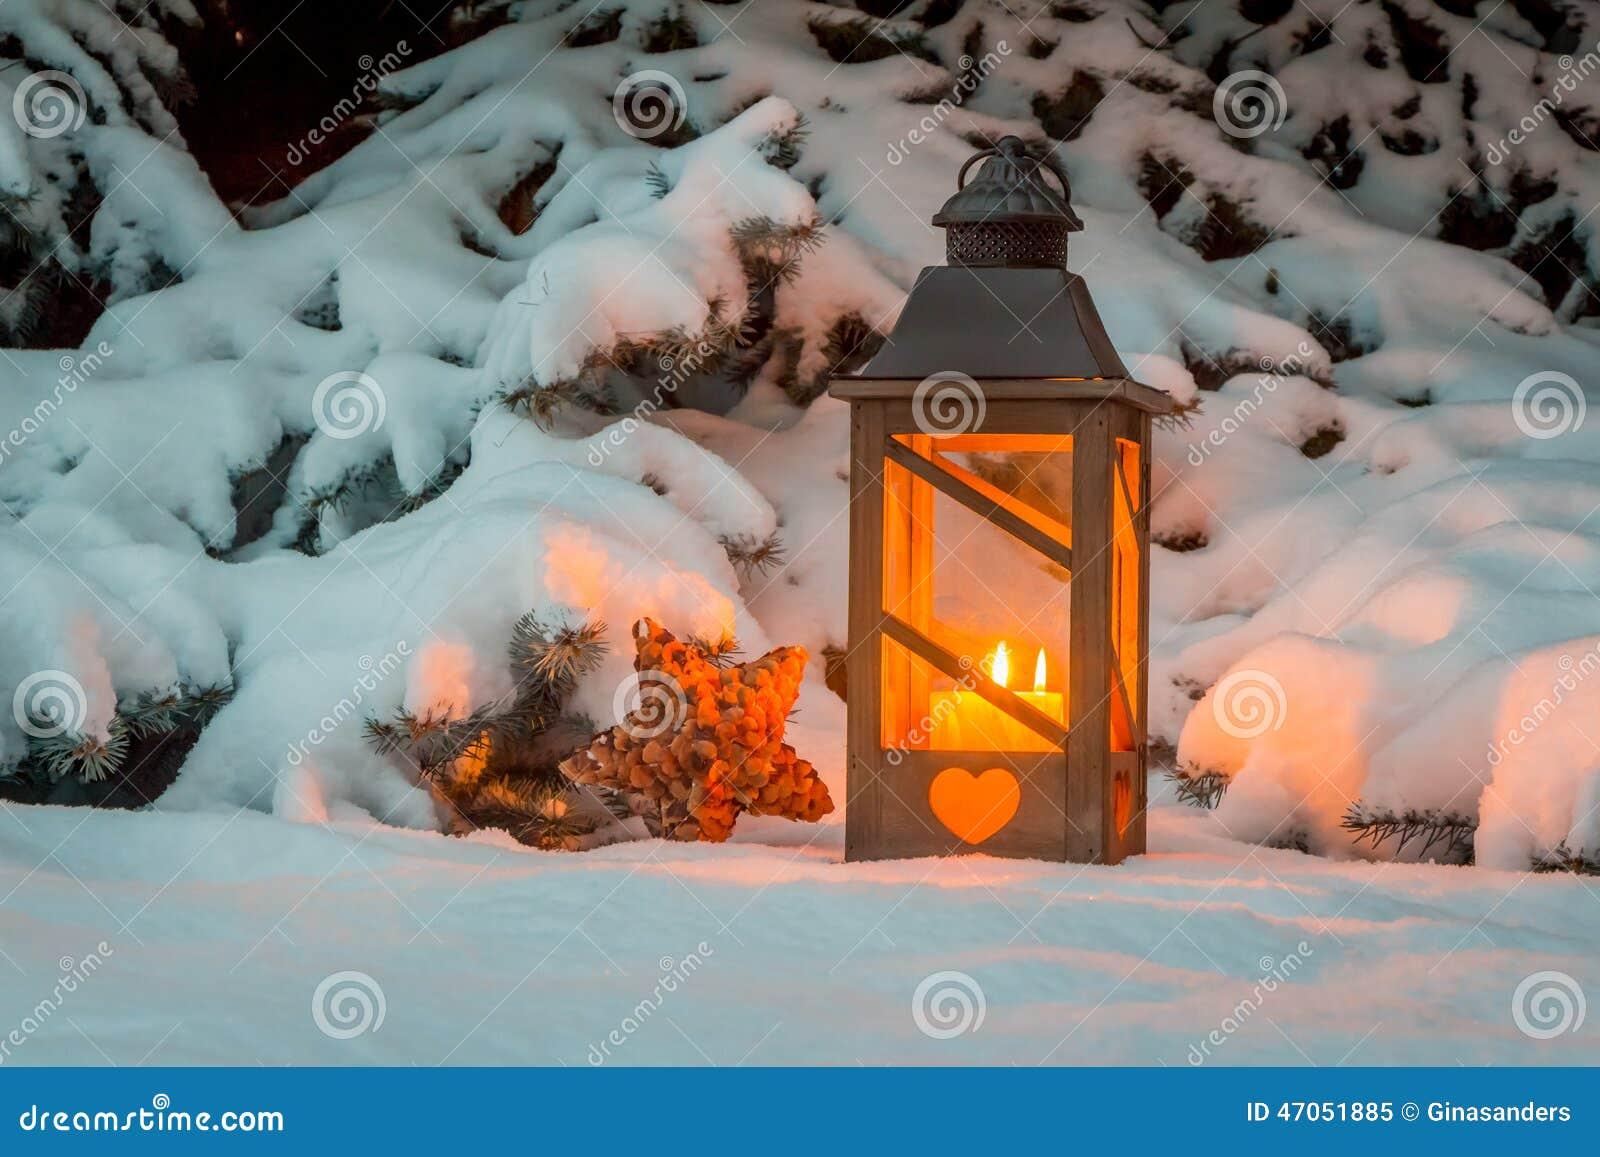 laterne im schnee am weihnachten stockbild bild von abend stimmung 47051885. Black Bedroom Furniture Sets. Home Design Ideas